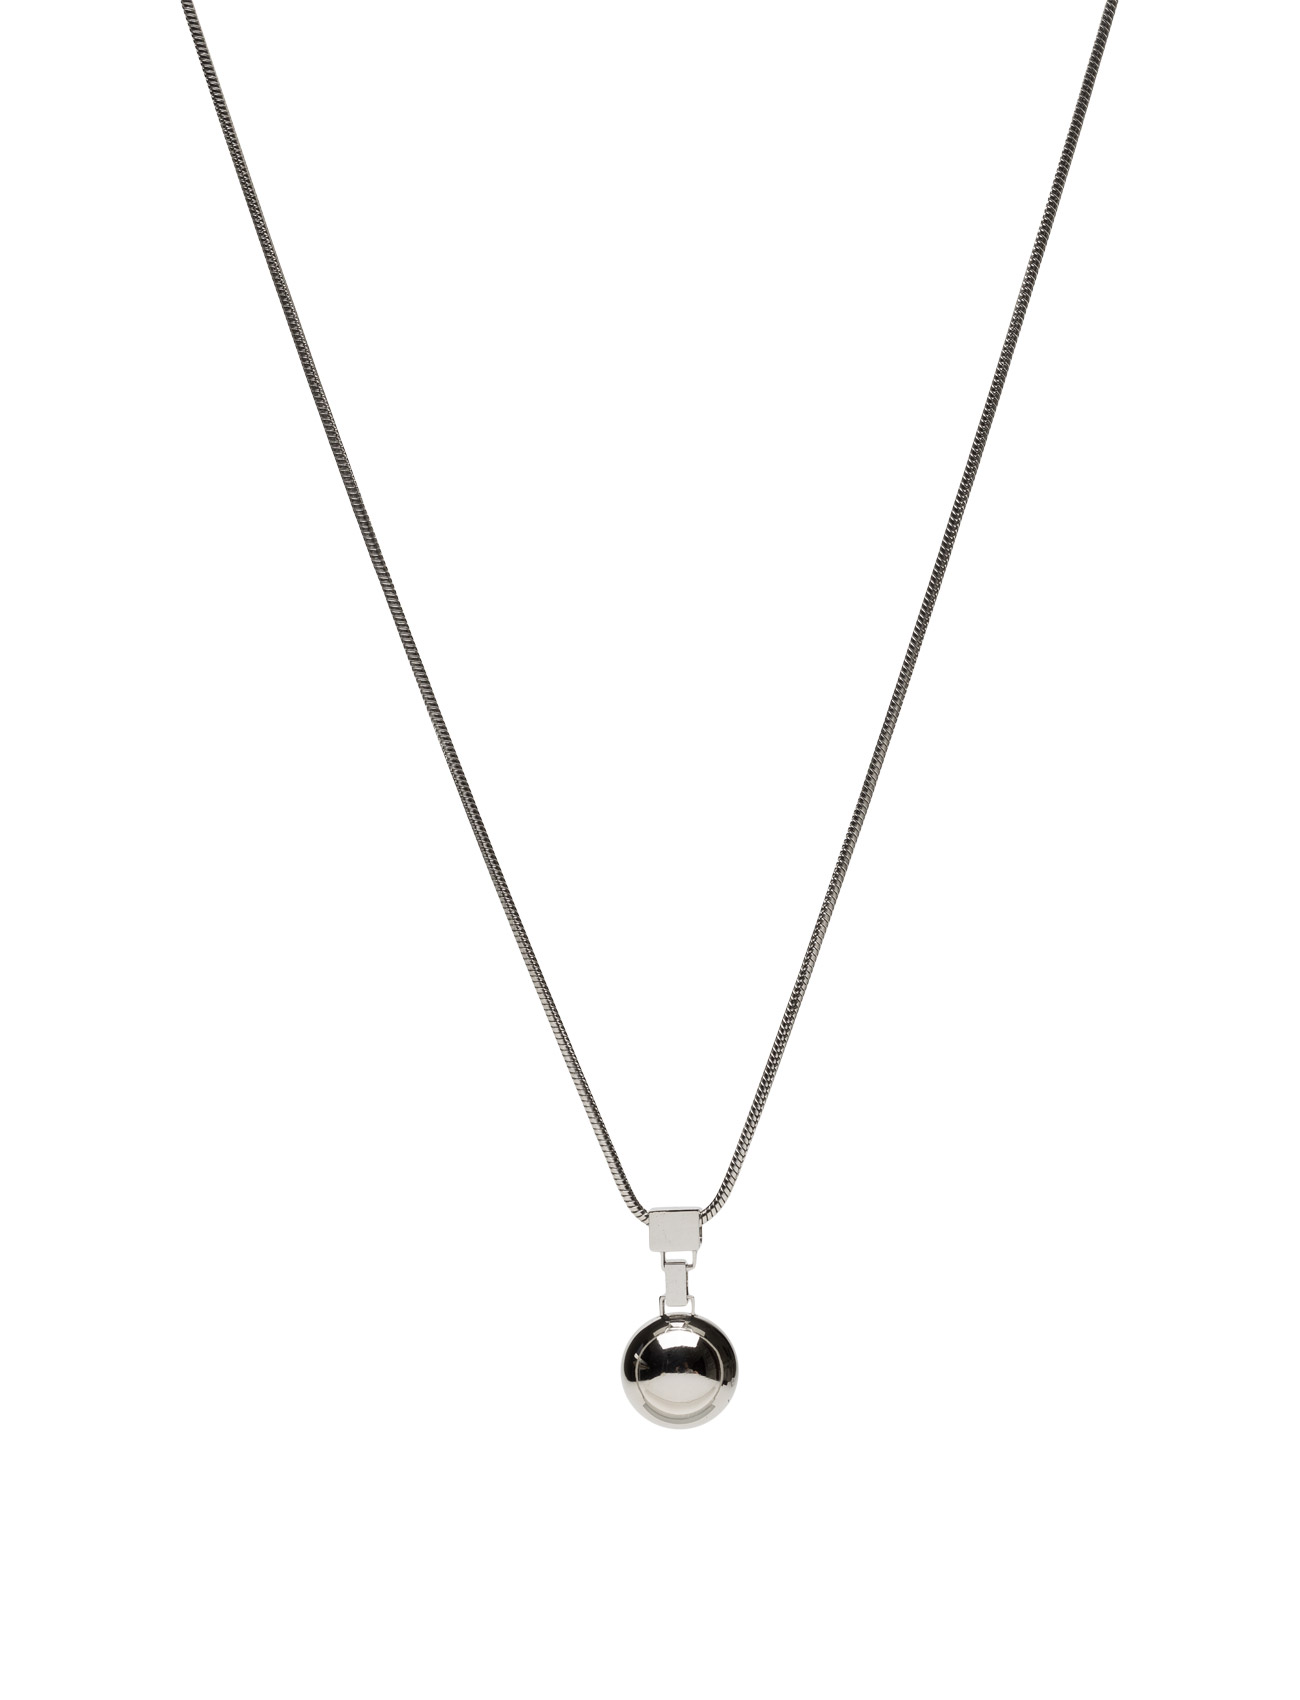 Divino Long Necklace Bud to rose Accessories til Kvinder i Stål